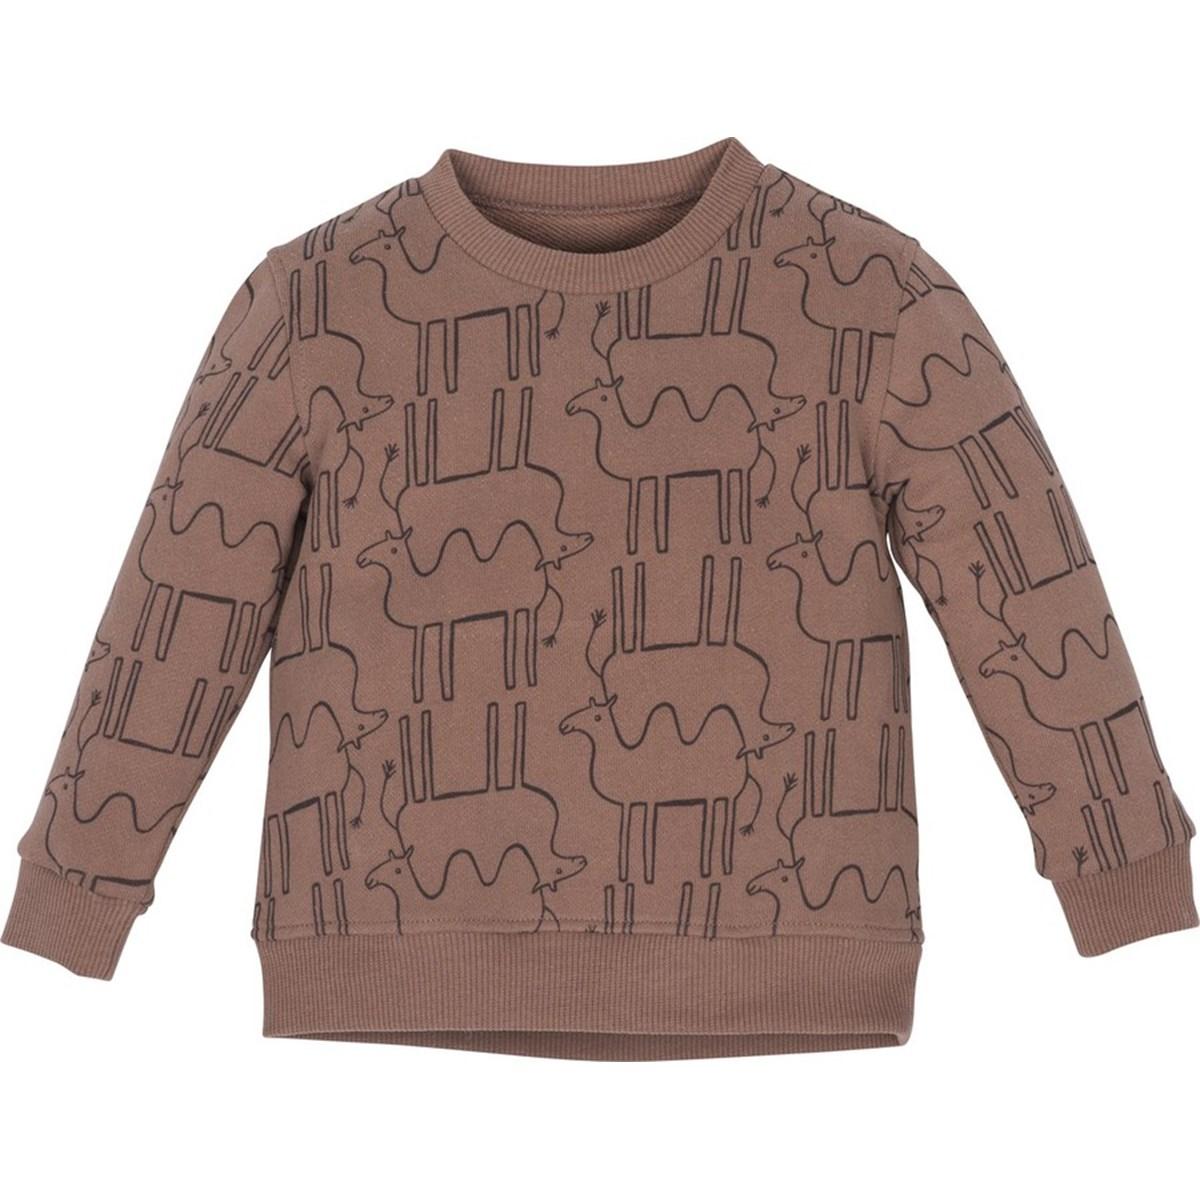 12623 Sweatshirt 1